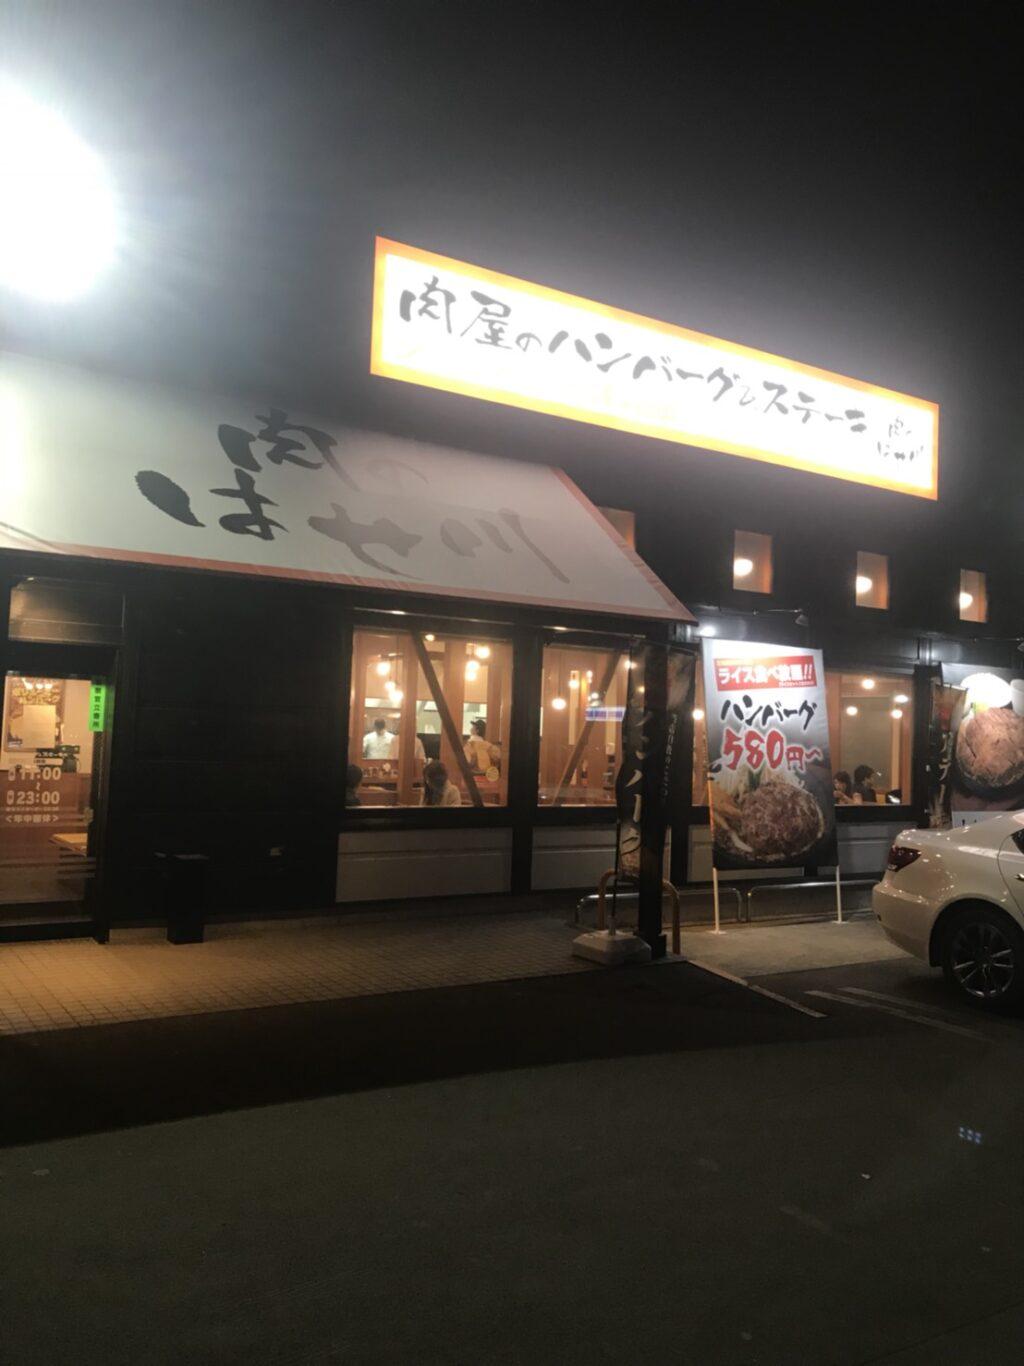 肉のはせ川(札幌市清田区)のプレオープンに行った感想レビュー